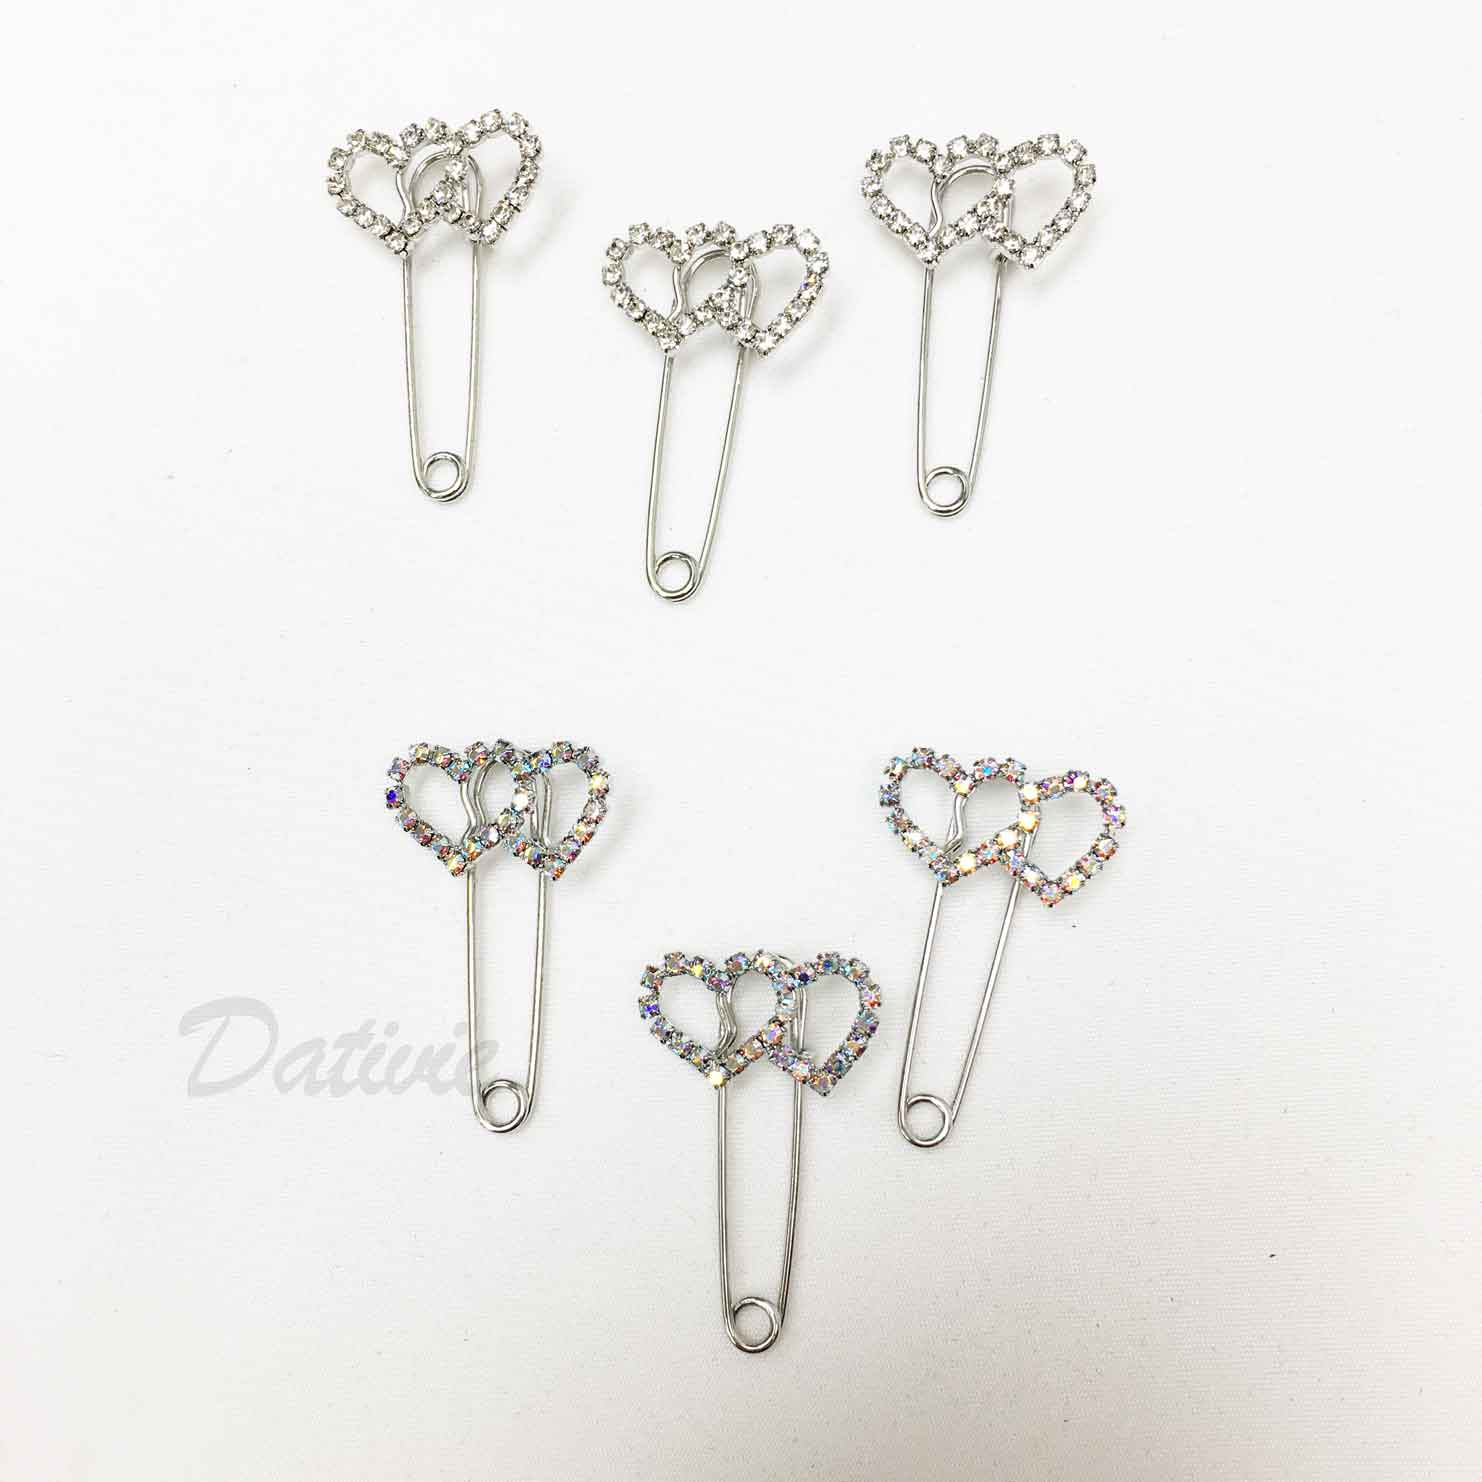 雙愛心 簍空 線條 簡約 可愛 白鑽 銀 別針造型 三入一組 胸針